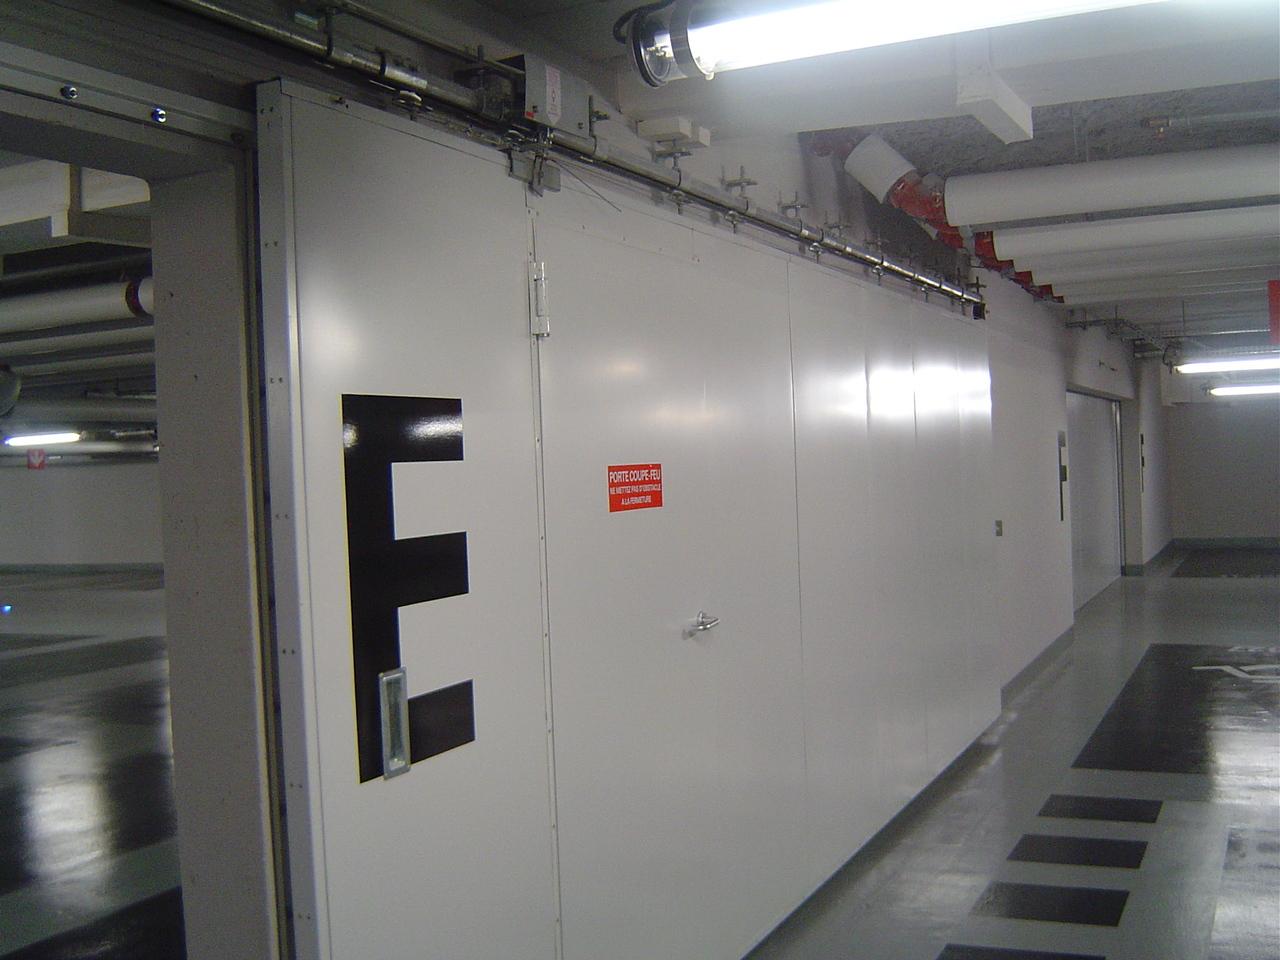 Pl2m maintenance portes coupe feu et isothermes - Porte coupe feu reglementation ...